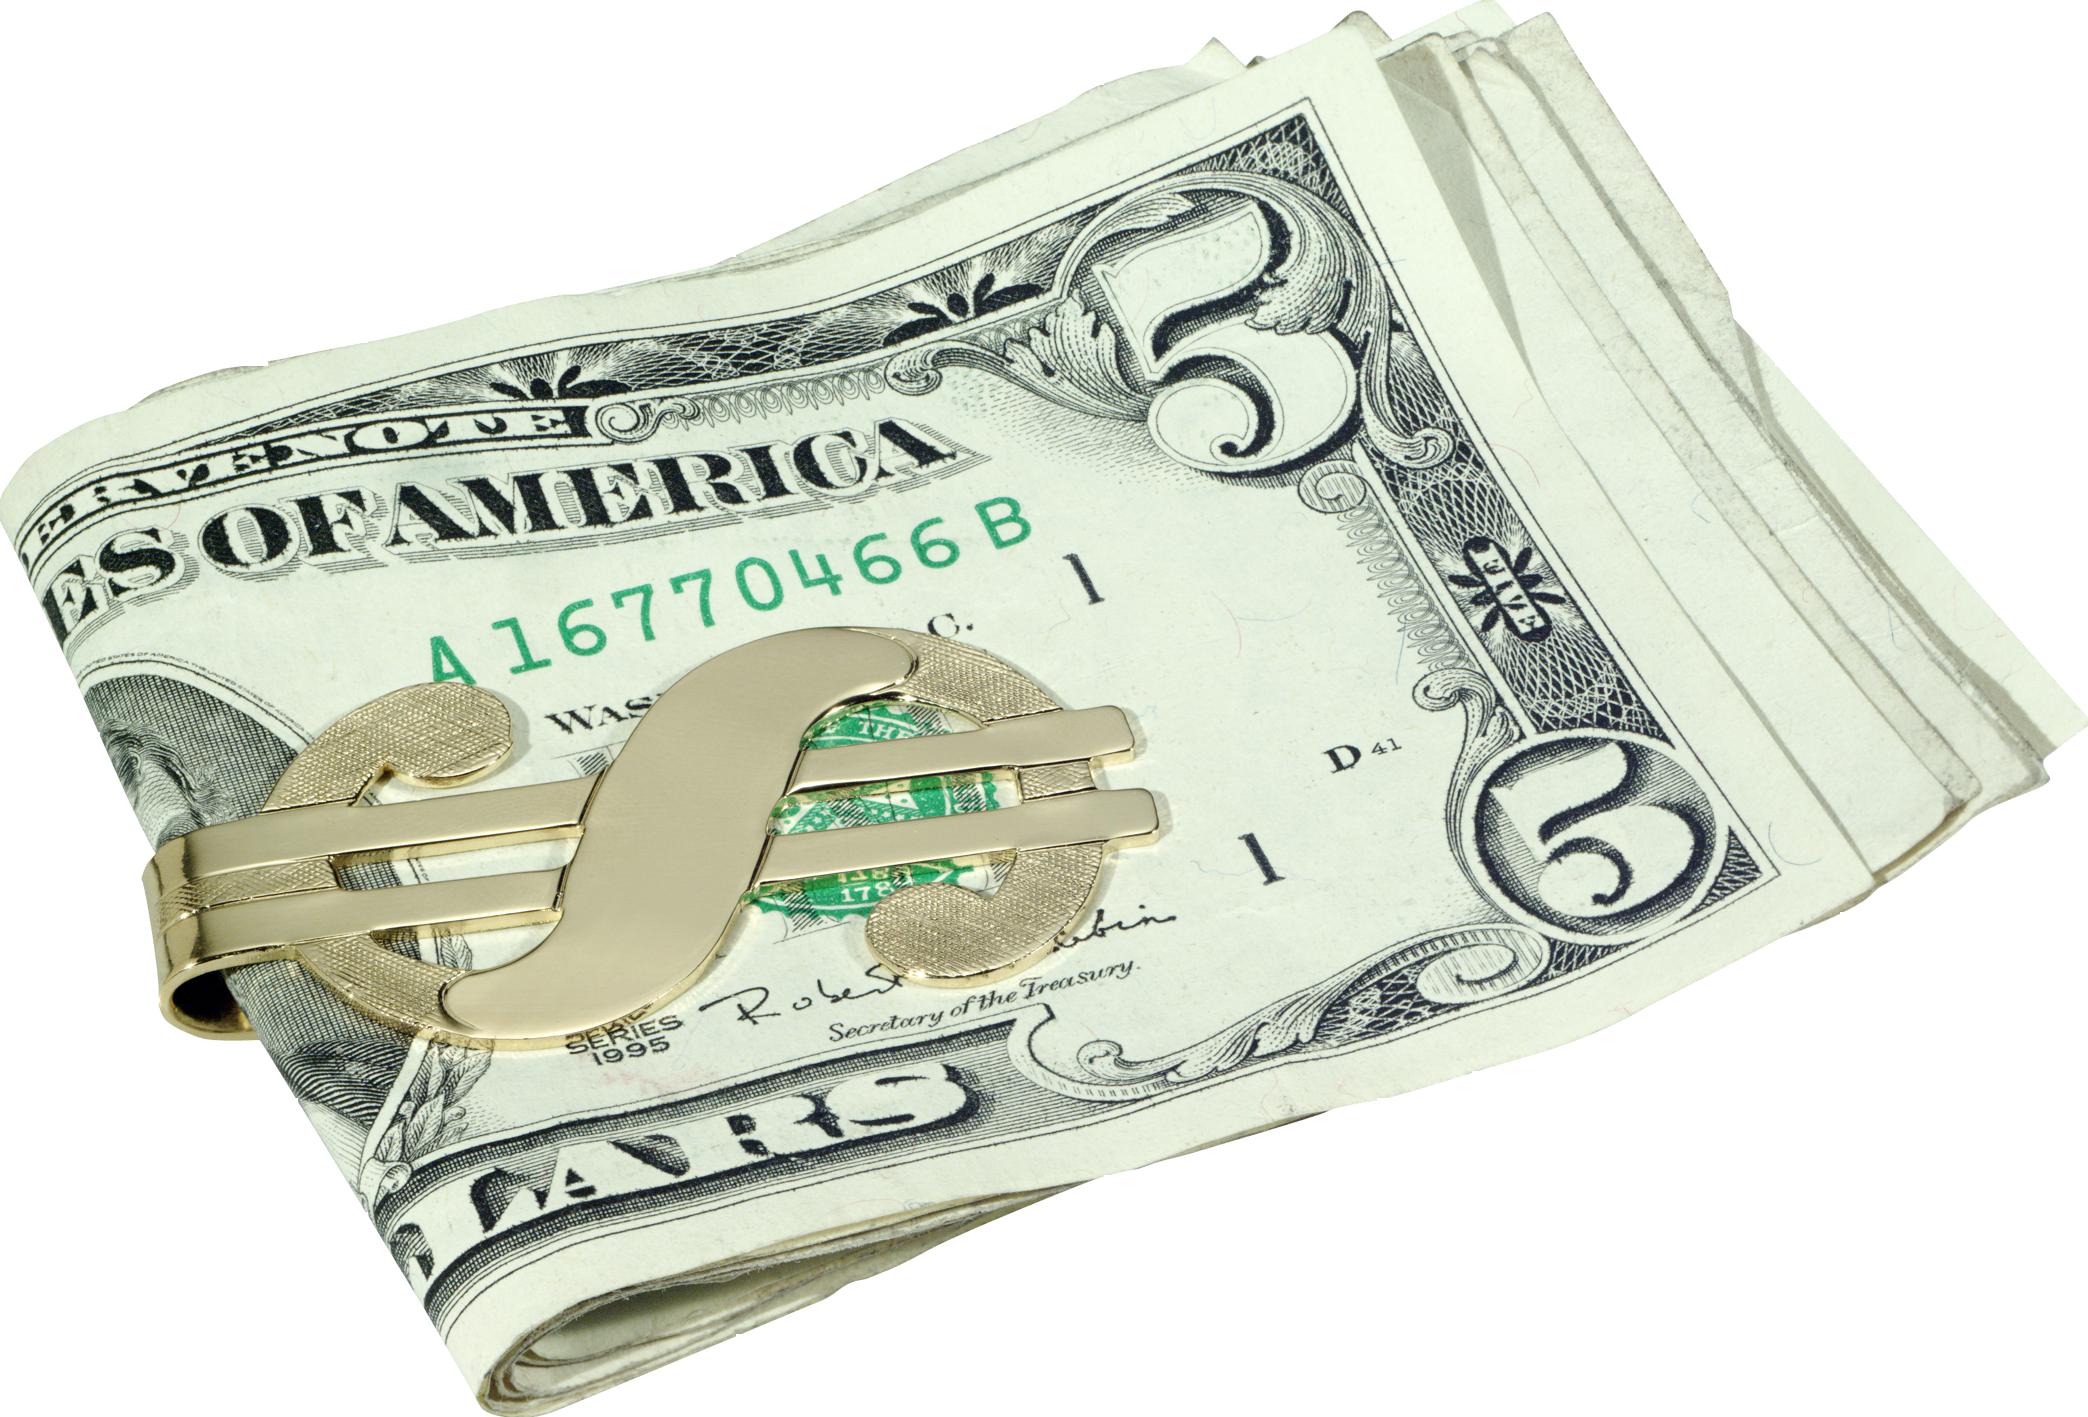 Money backrgounf clipart banner free stock Money Icon Clipart | Web Icons PNG banner free stock